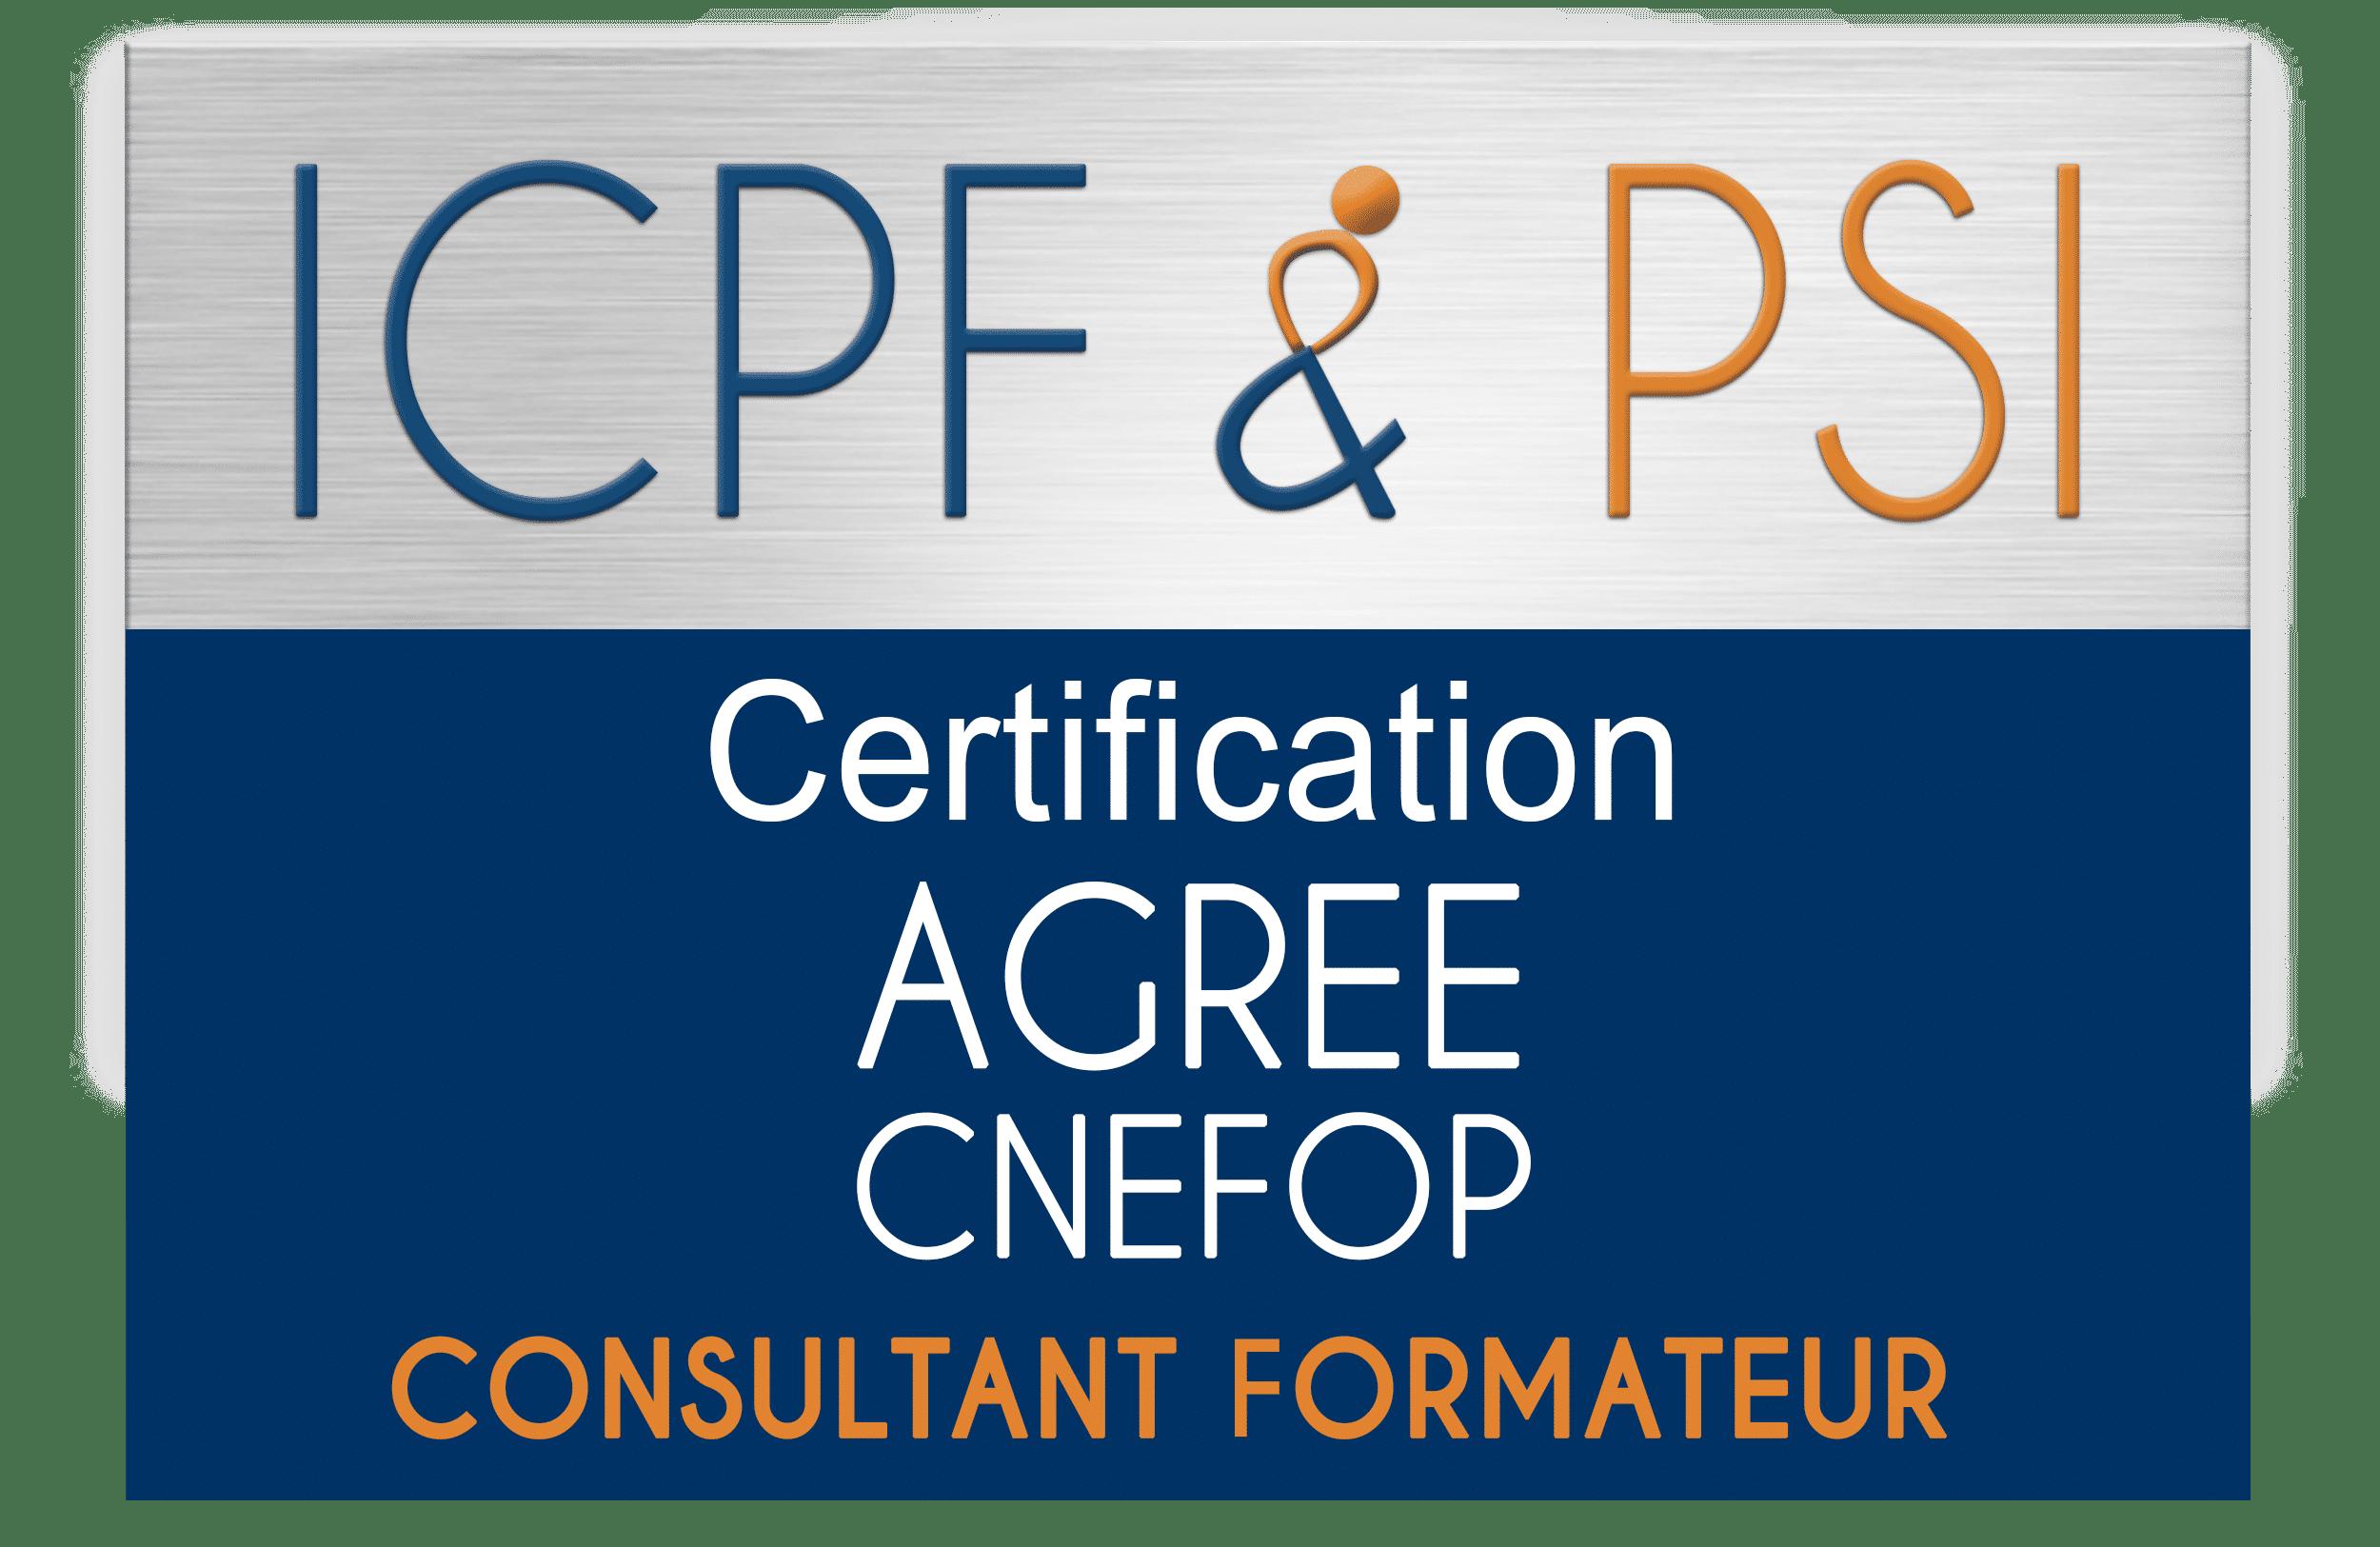 Consultante Formatrice certifiée ICPF & PSI Manon Smahi Cuzin